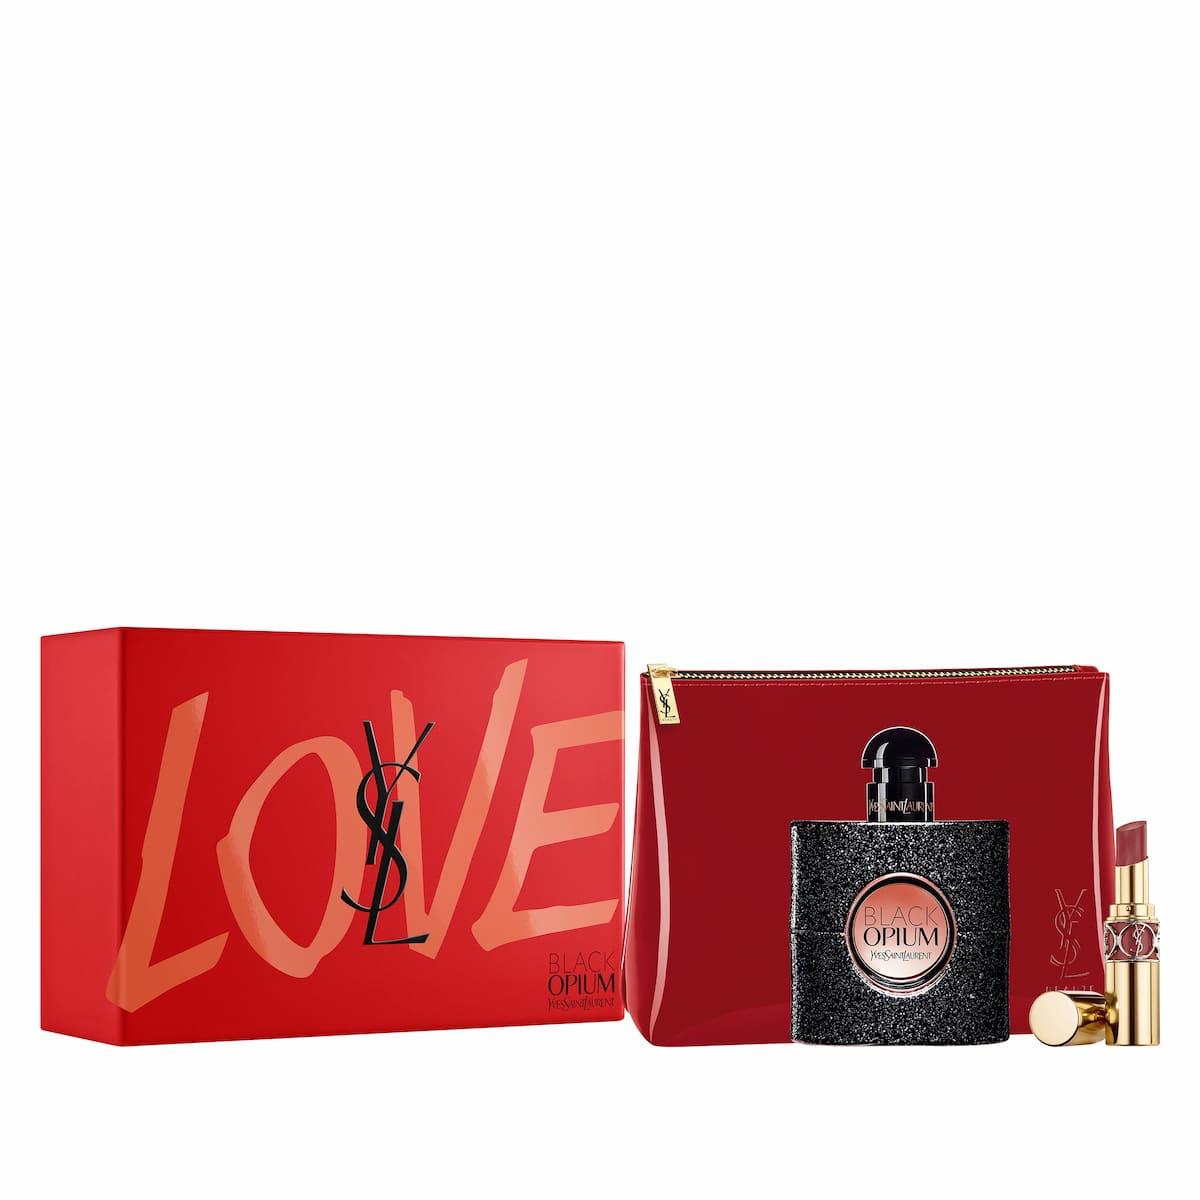 Coffret Black Opium Eau de Parfum - YVES SAINT LAURENT